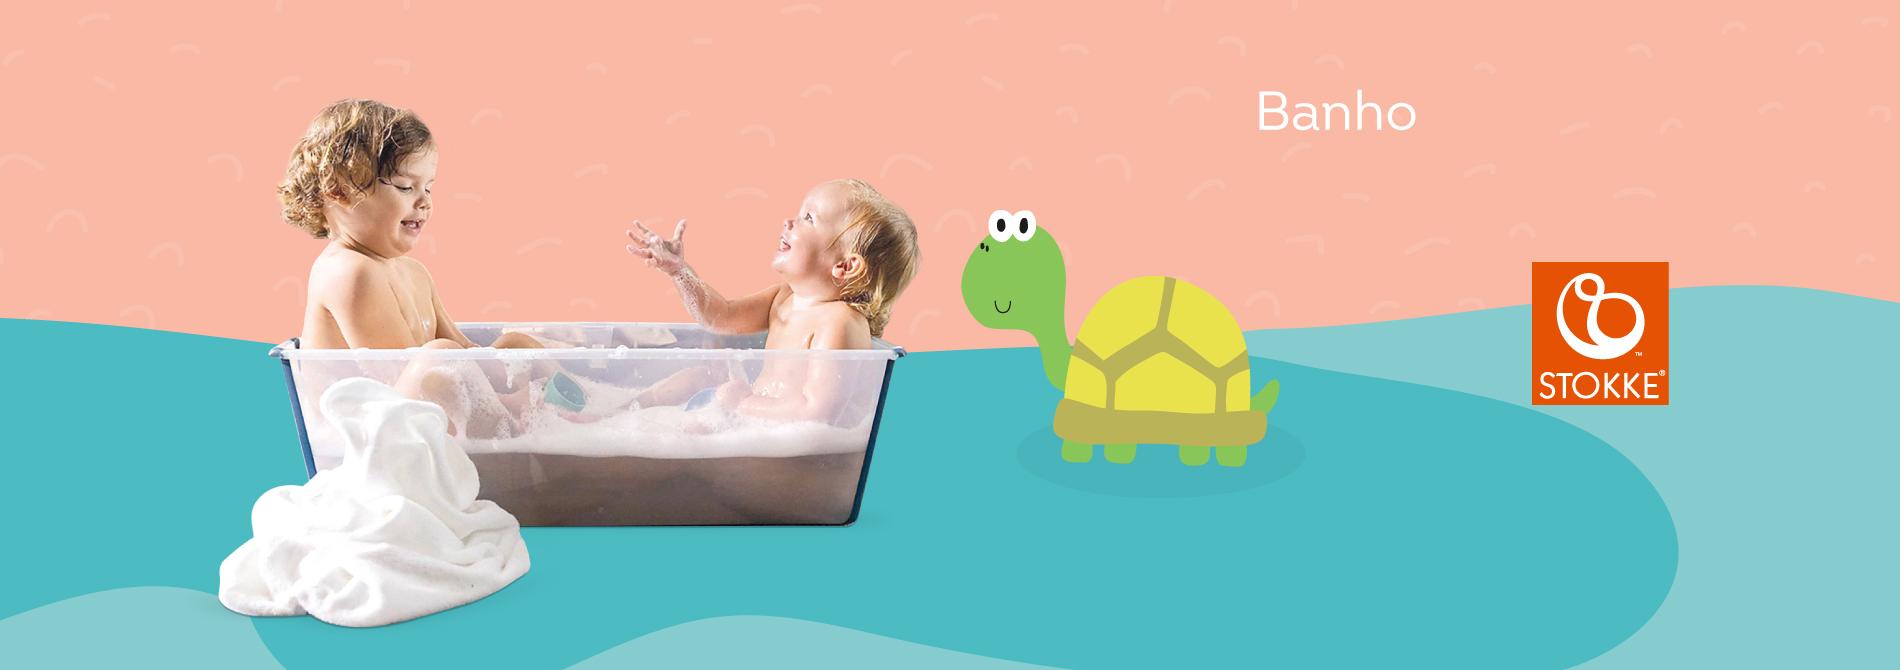 Produtos banho da marca Stokke